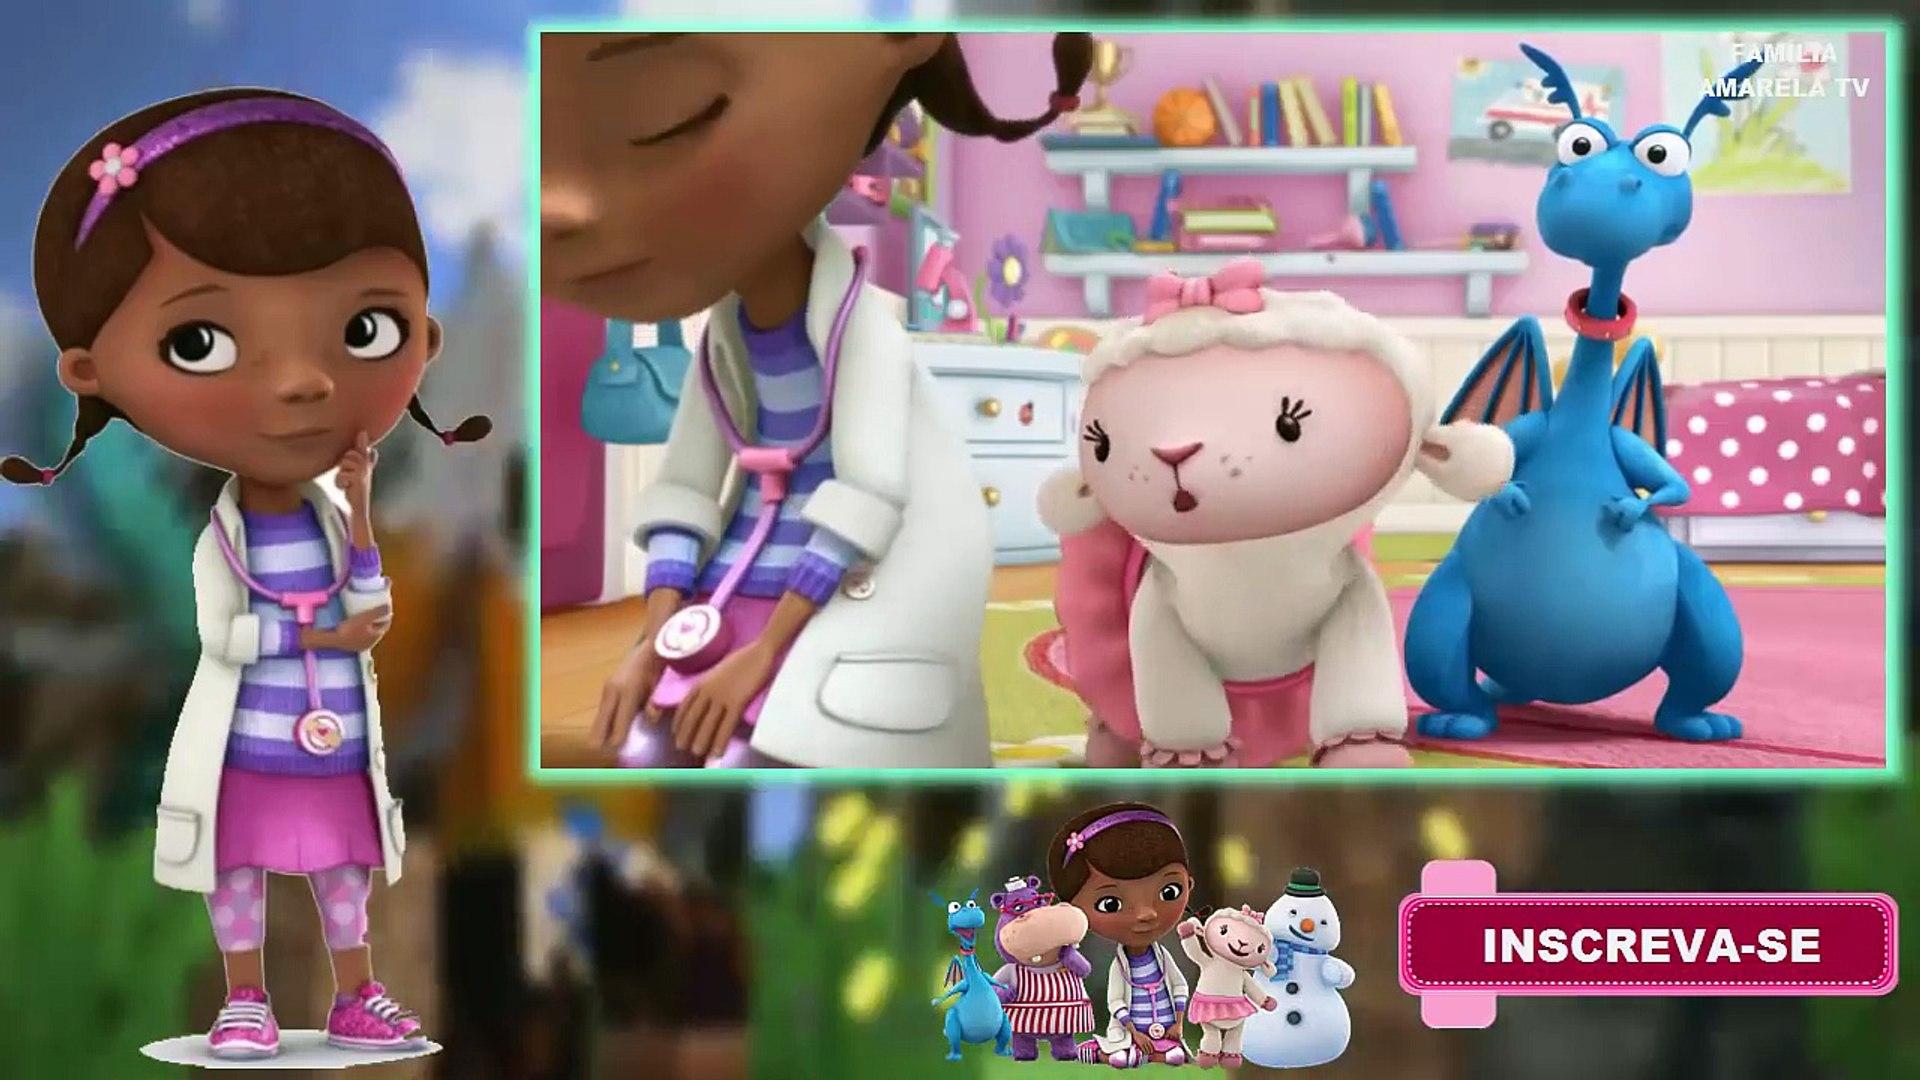 Doutora Brinquedos Think Rosa Jogador Travado Video Dailymotion